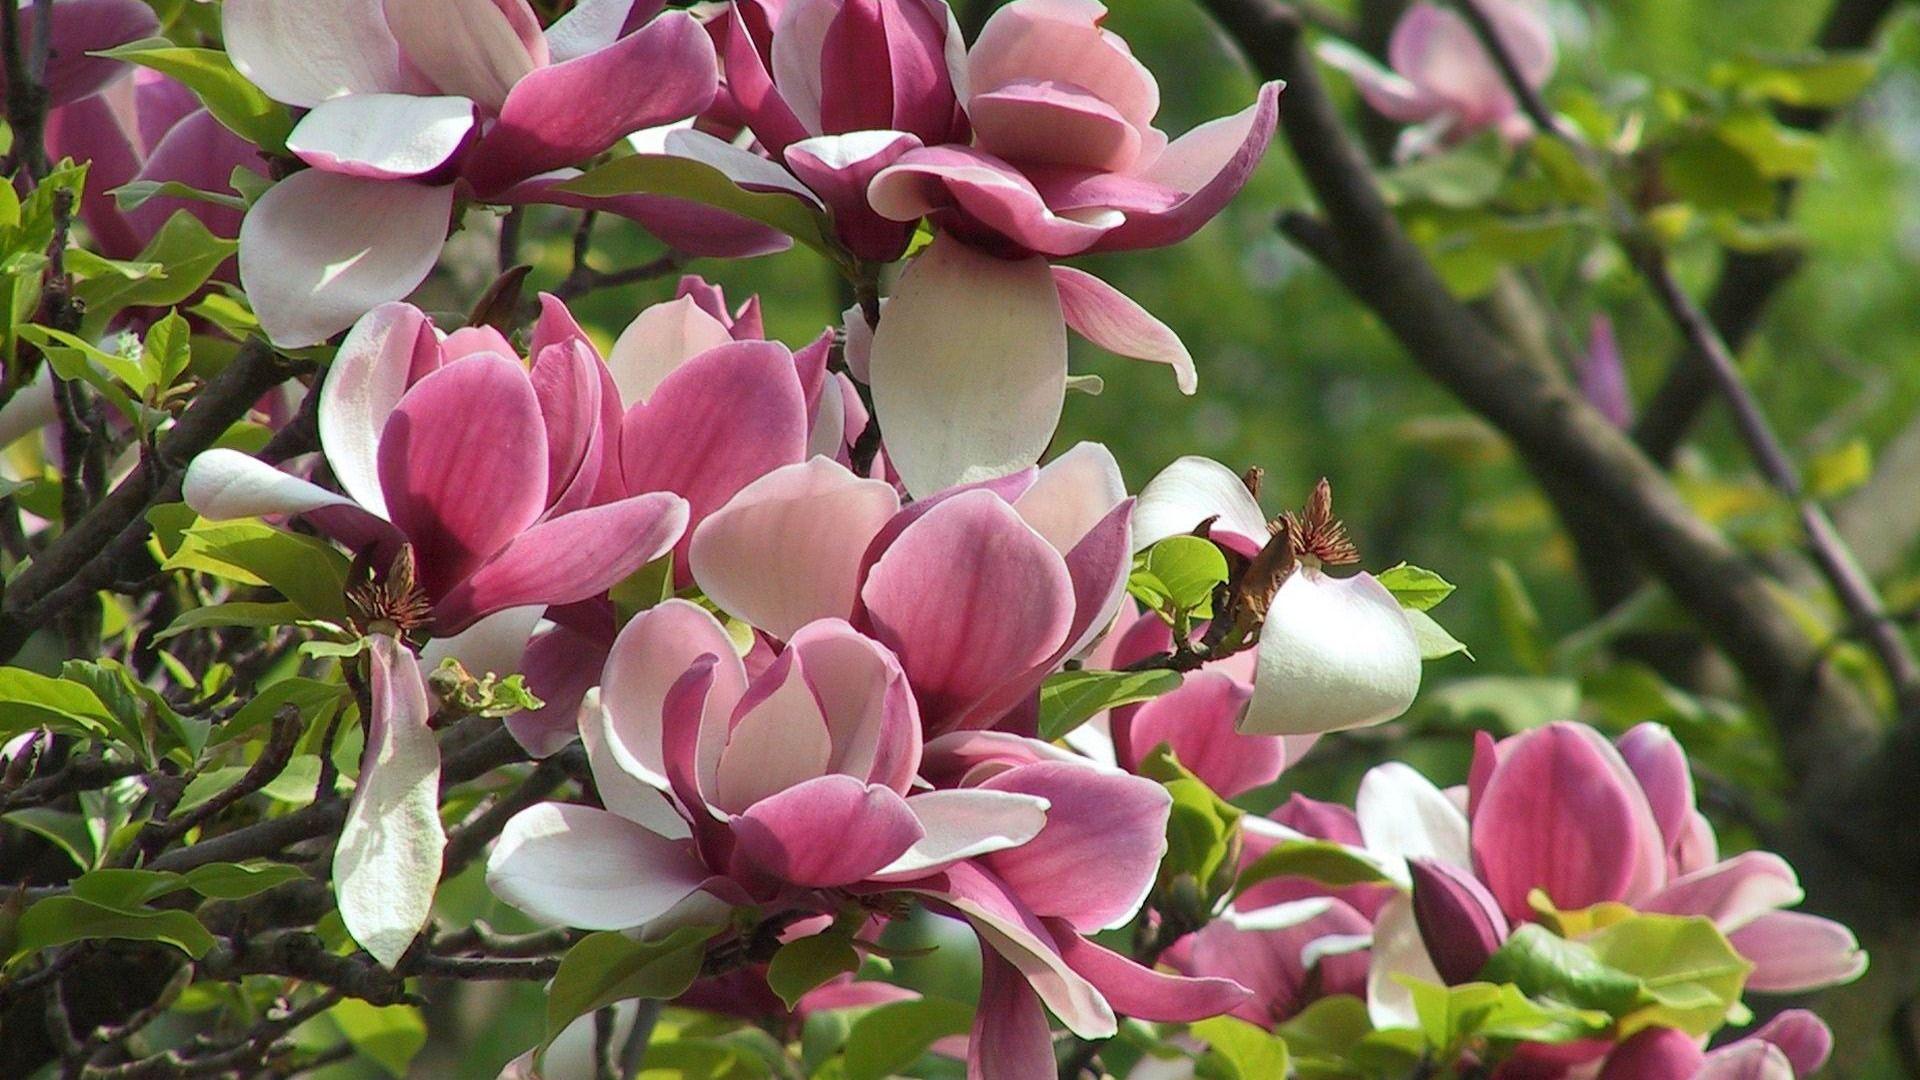 Magnolia Pictures